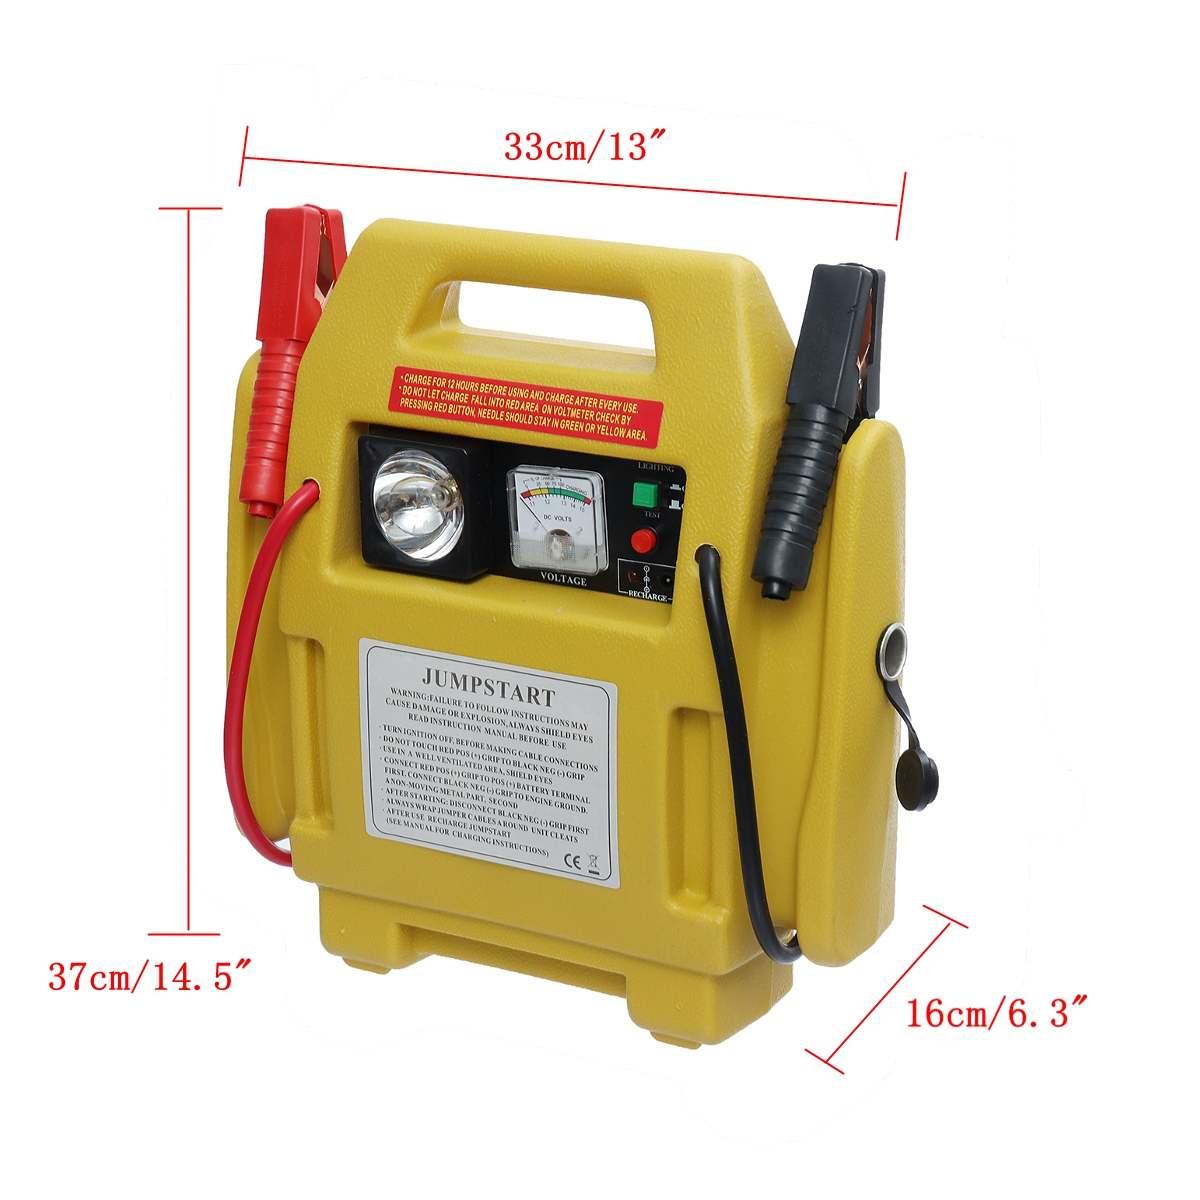 Démarreur voiture de Saut Booster 12 V Voiture chargeur de batterie batterie externe de Départ Outil Kit compresseur d'air avec lampe led d'urgence Auto Pompes - 6